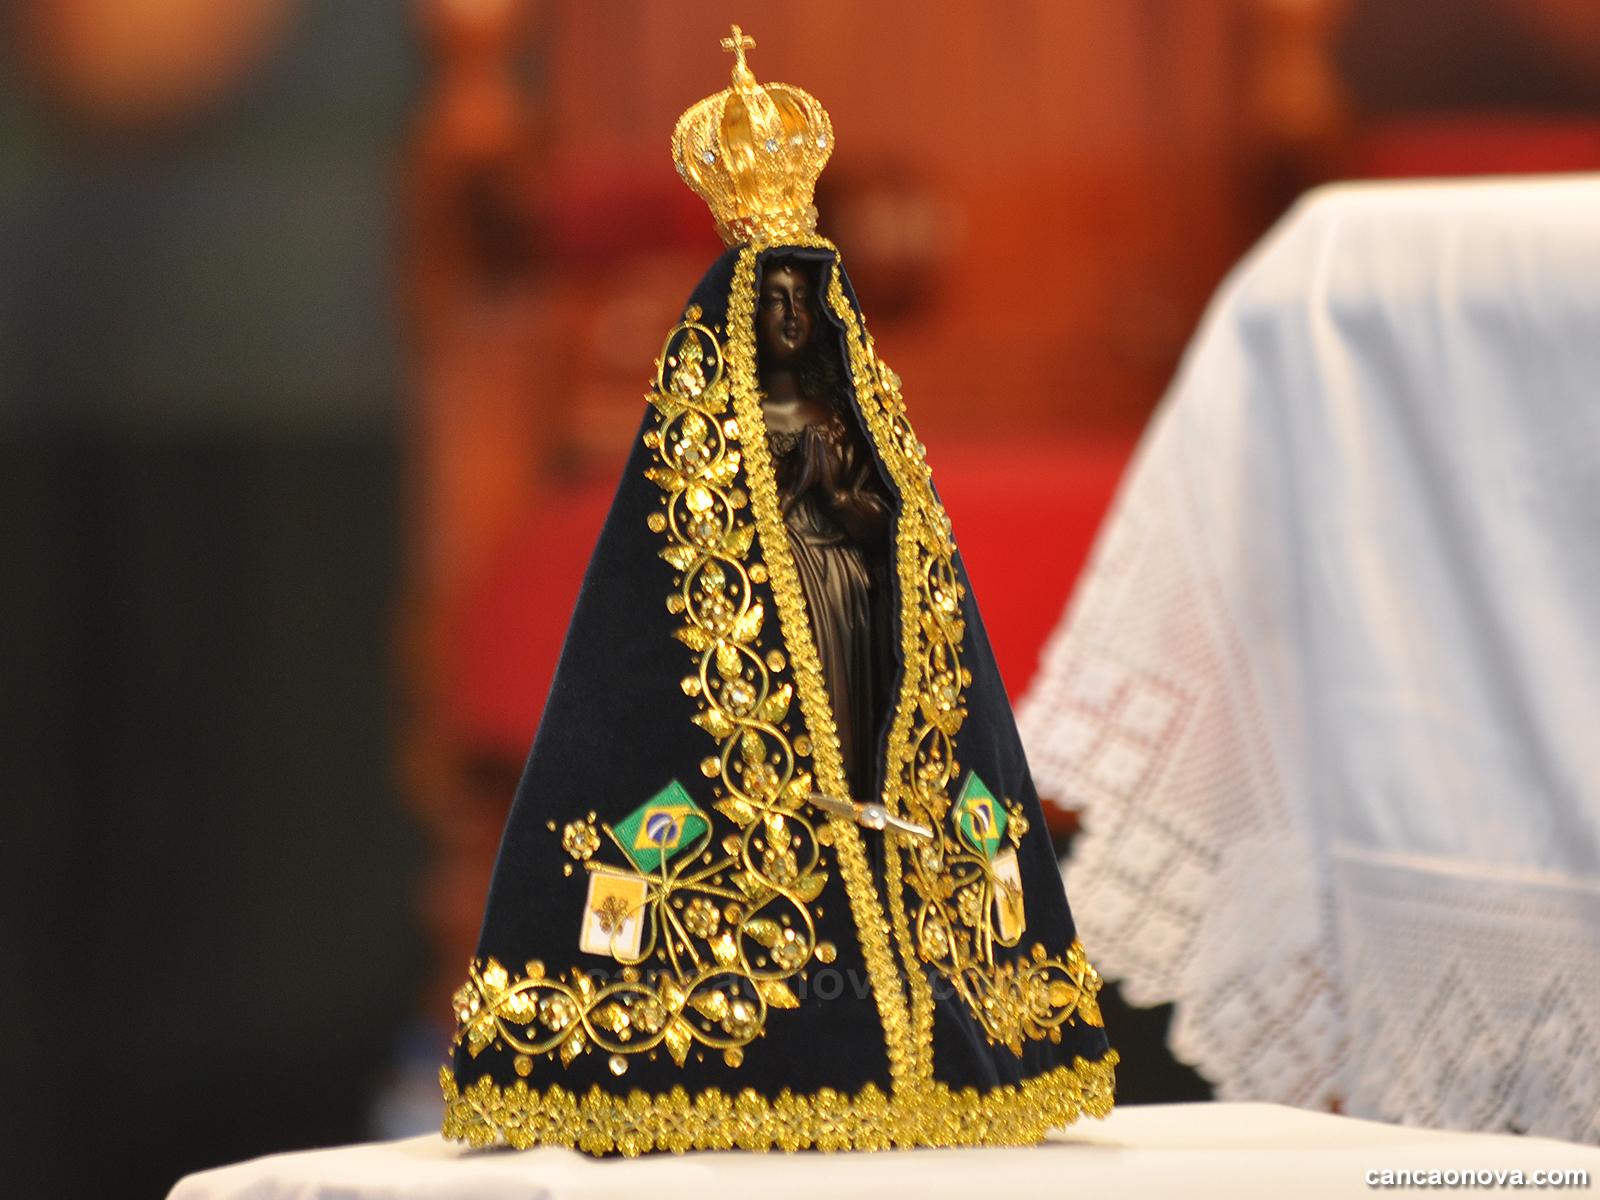 Icatolica Com Nossa Senhora Da Conceição Aparecida